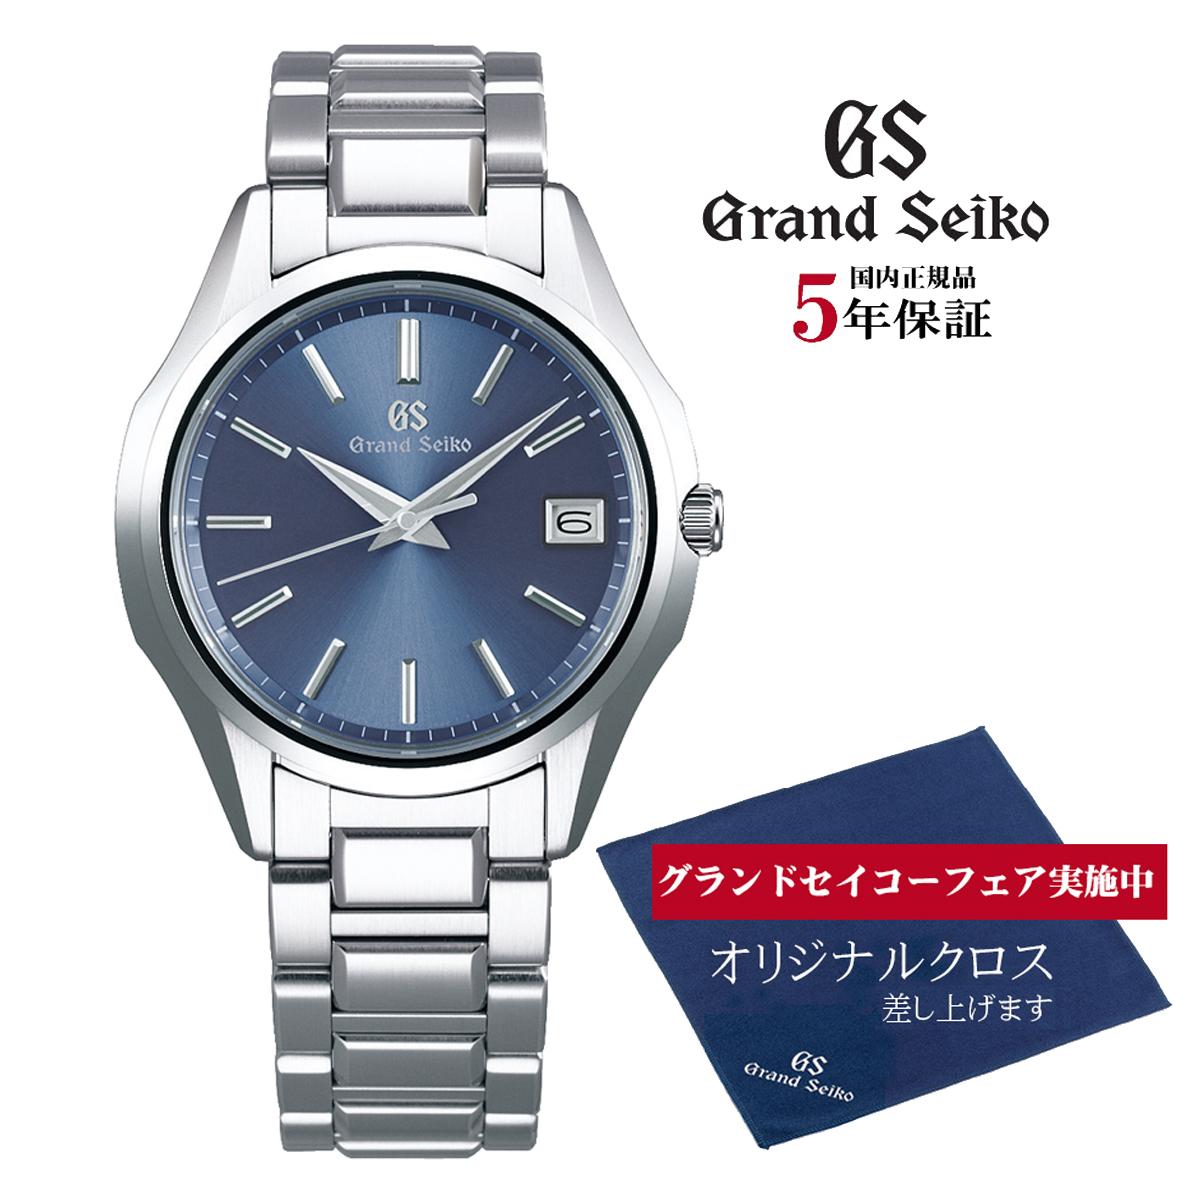 正規メーカー保証3年 正規品 Grand Seiko グランドセイコー SBGV235 9Fクォーツ 腕時計